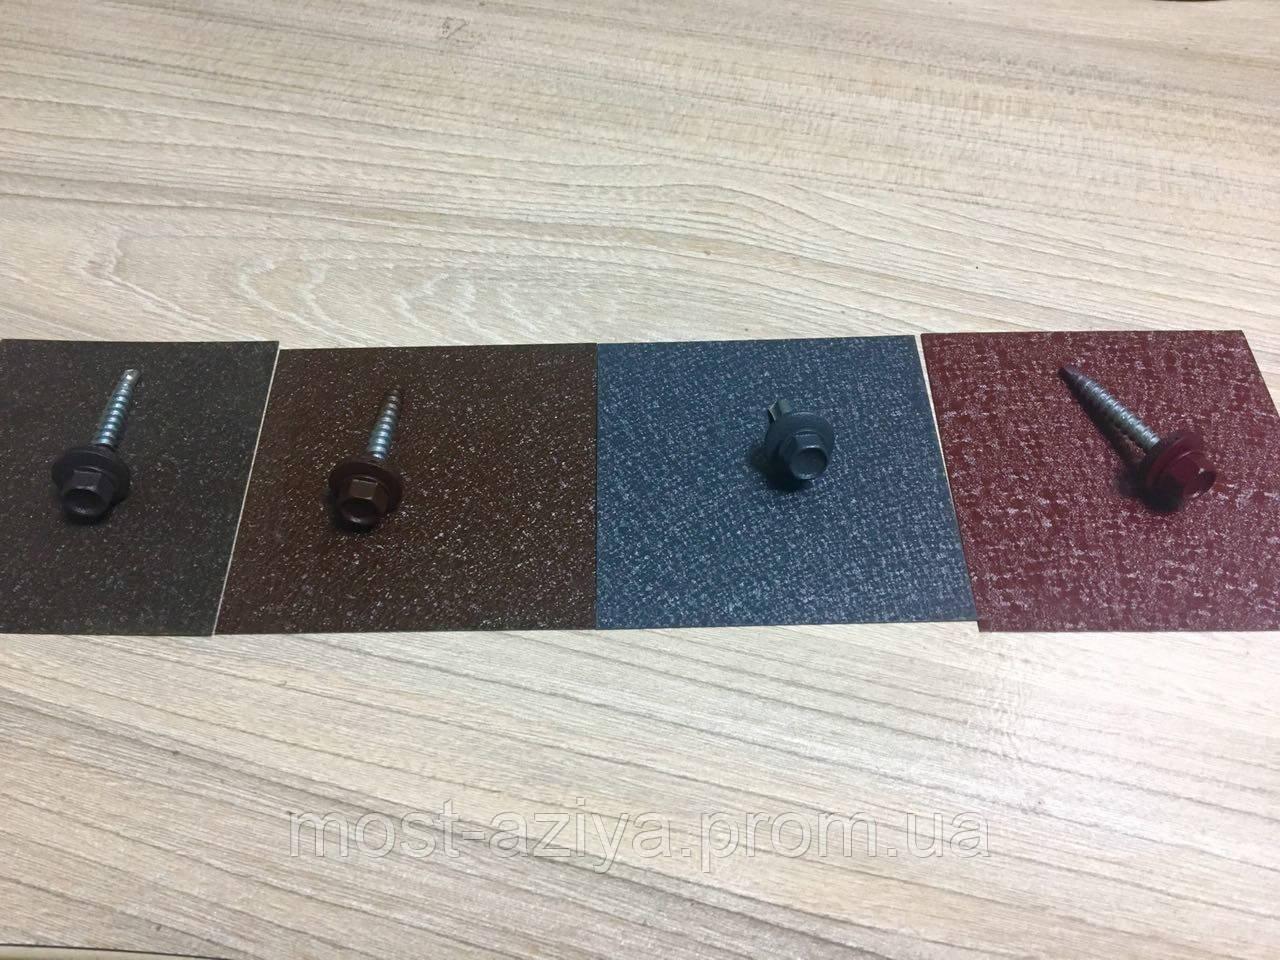 Саморез матовый для матового профнастила, крепление для матовой металлочерепицы